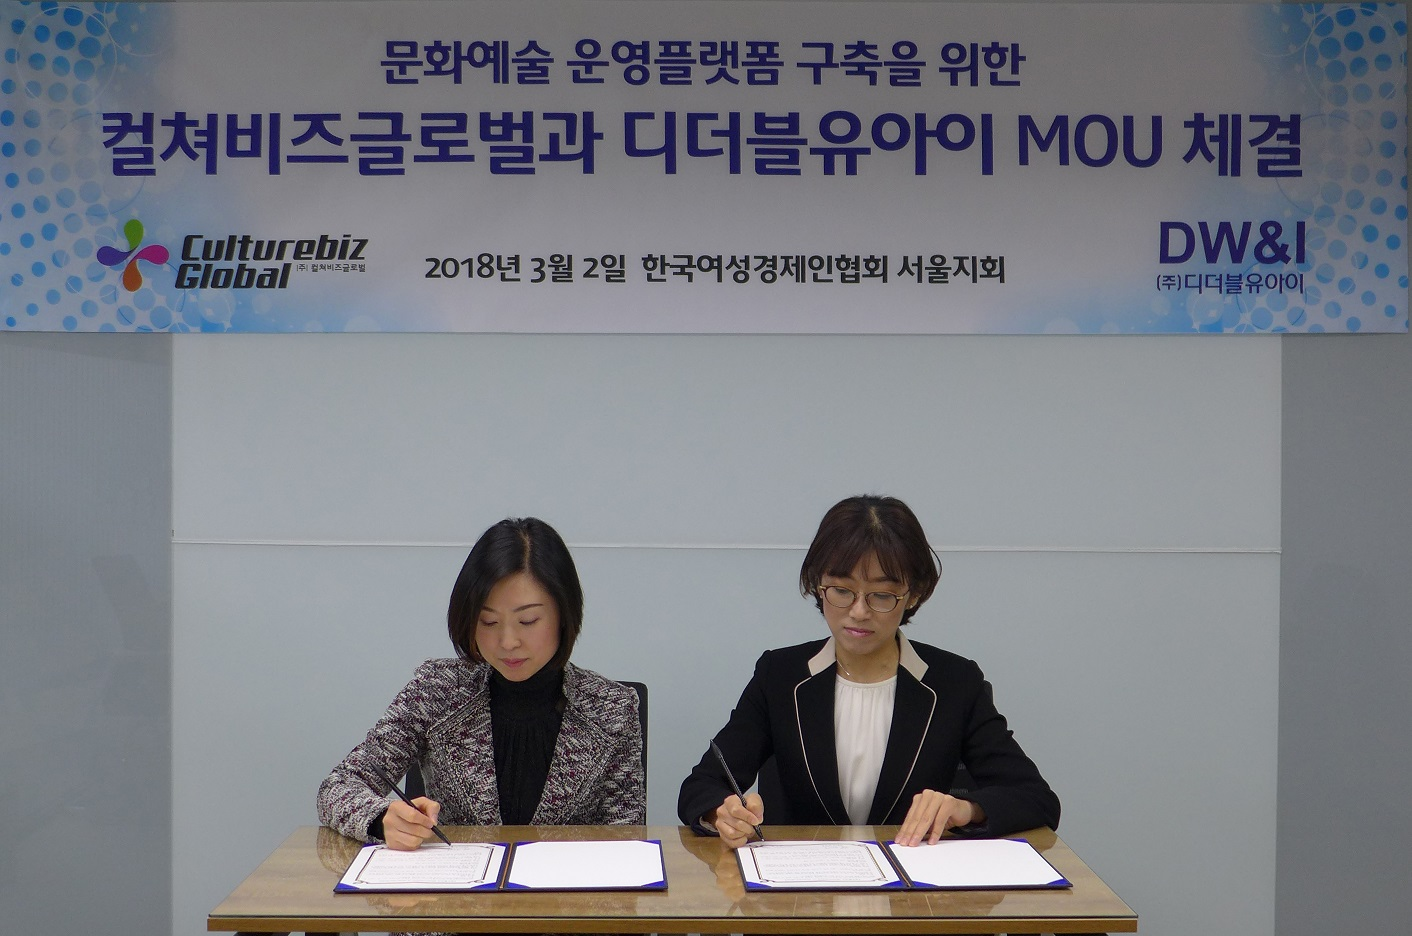 한국여성경제인협회, 기업간 제휴 플랫폼 역할 강화